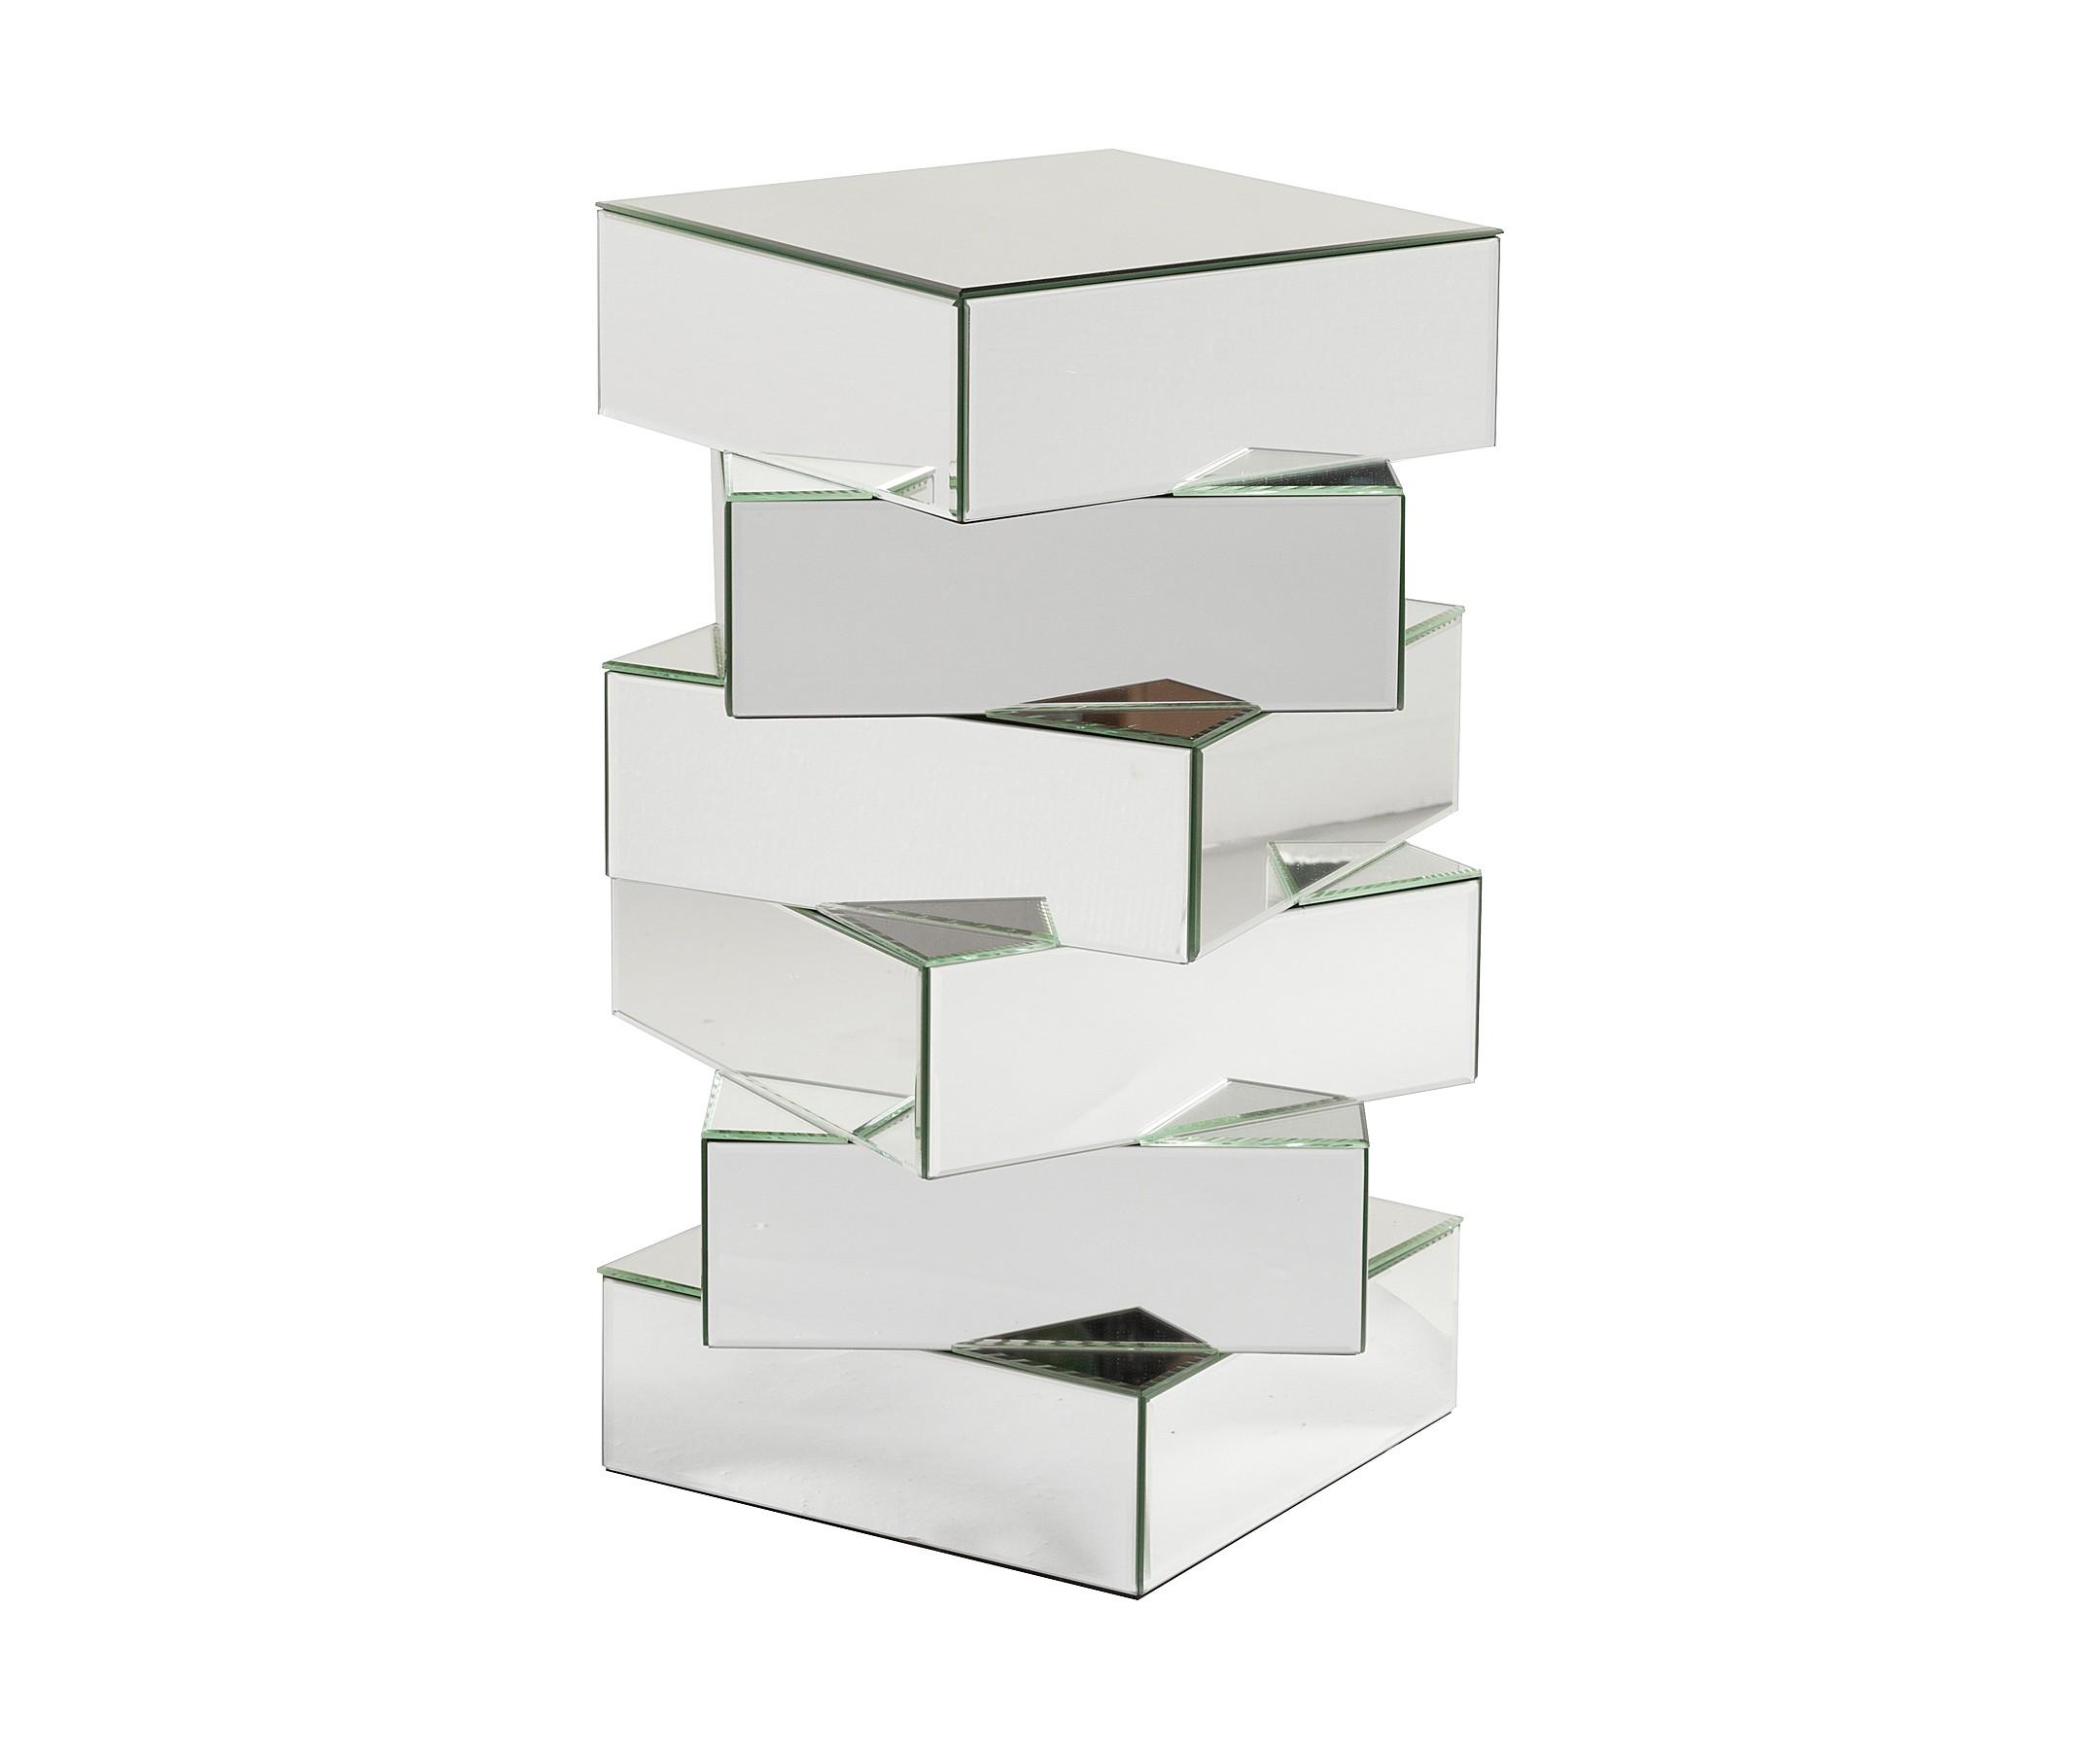 Зеркальный кофейный столик BeziersКофейные столики<br><br><br>Material: Стекло<br>Width см: 43<br>Depth см: 43<br>Height см: 61